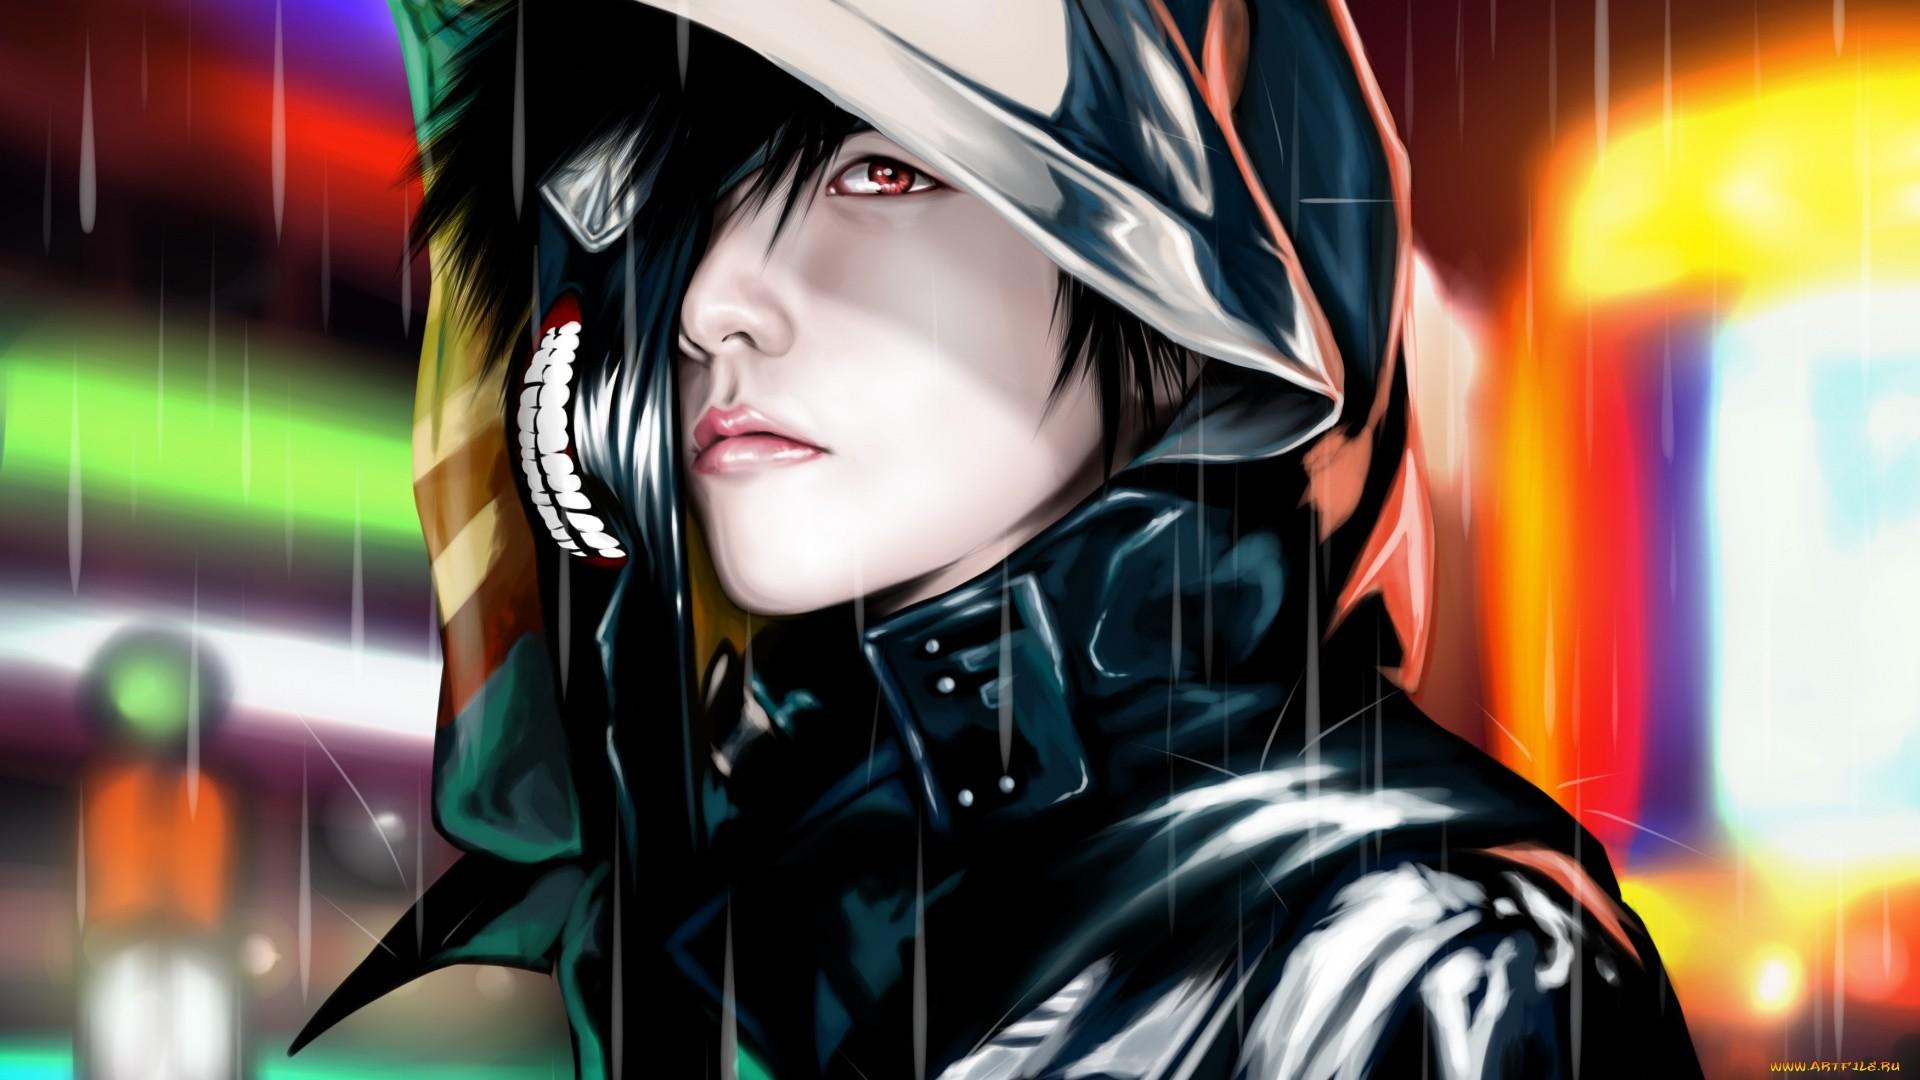 Anime Boy wallpaper photo hd